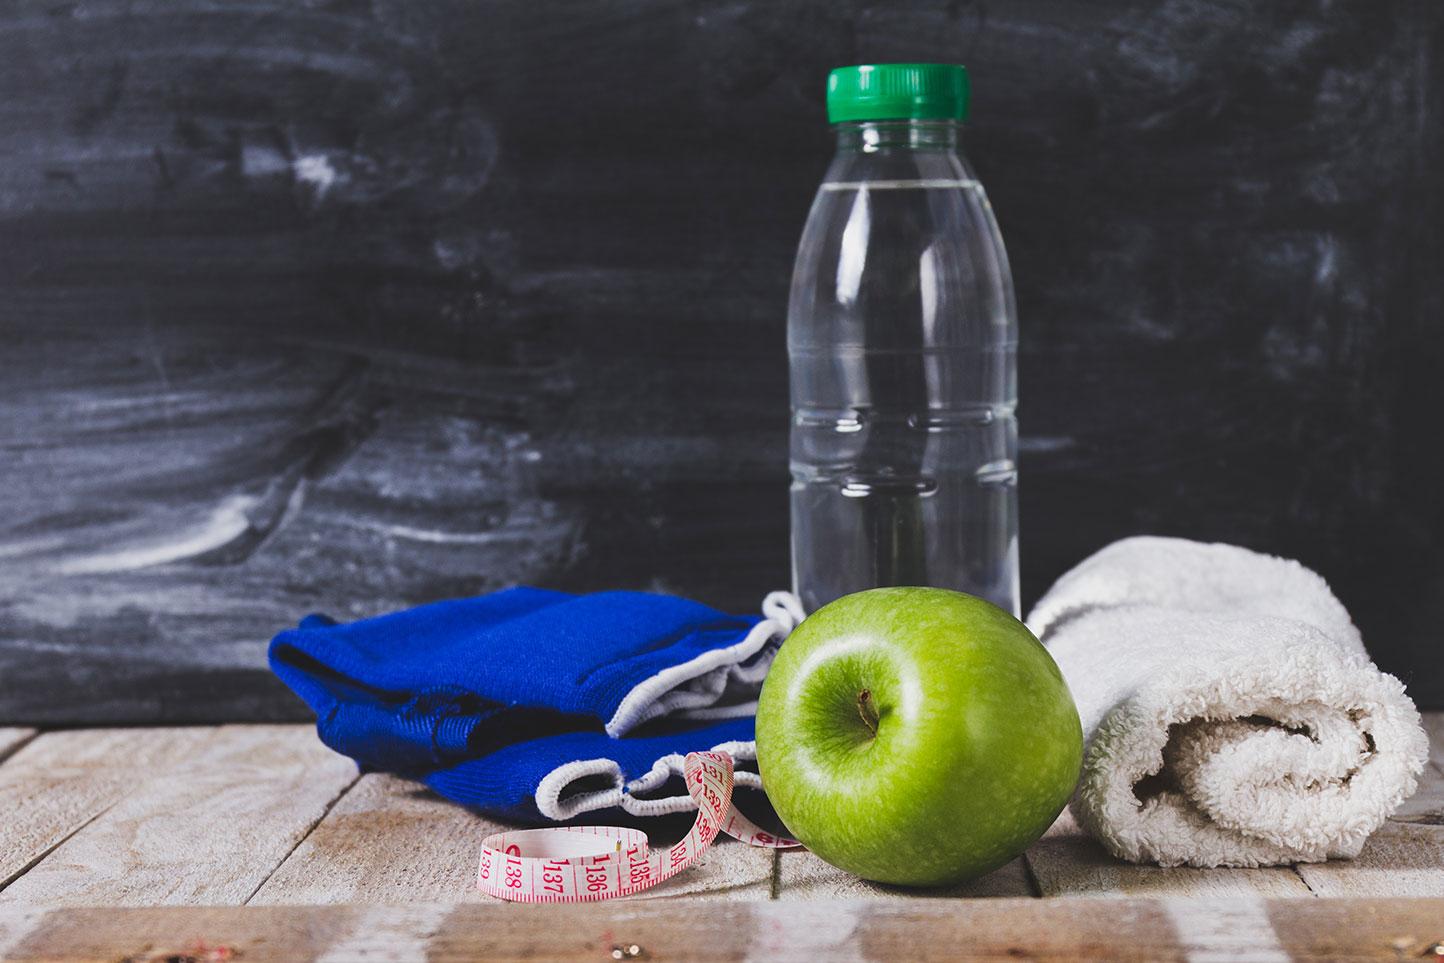 Голубое полотенце, бутылка чистой воды, яблоко, сантиметровая лента